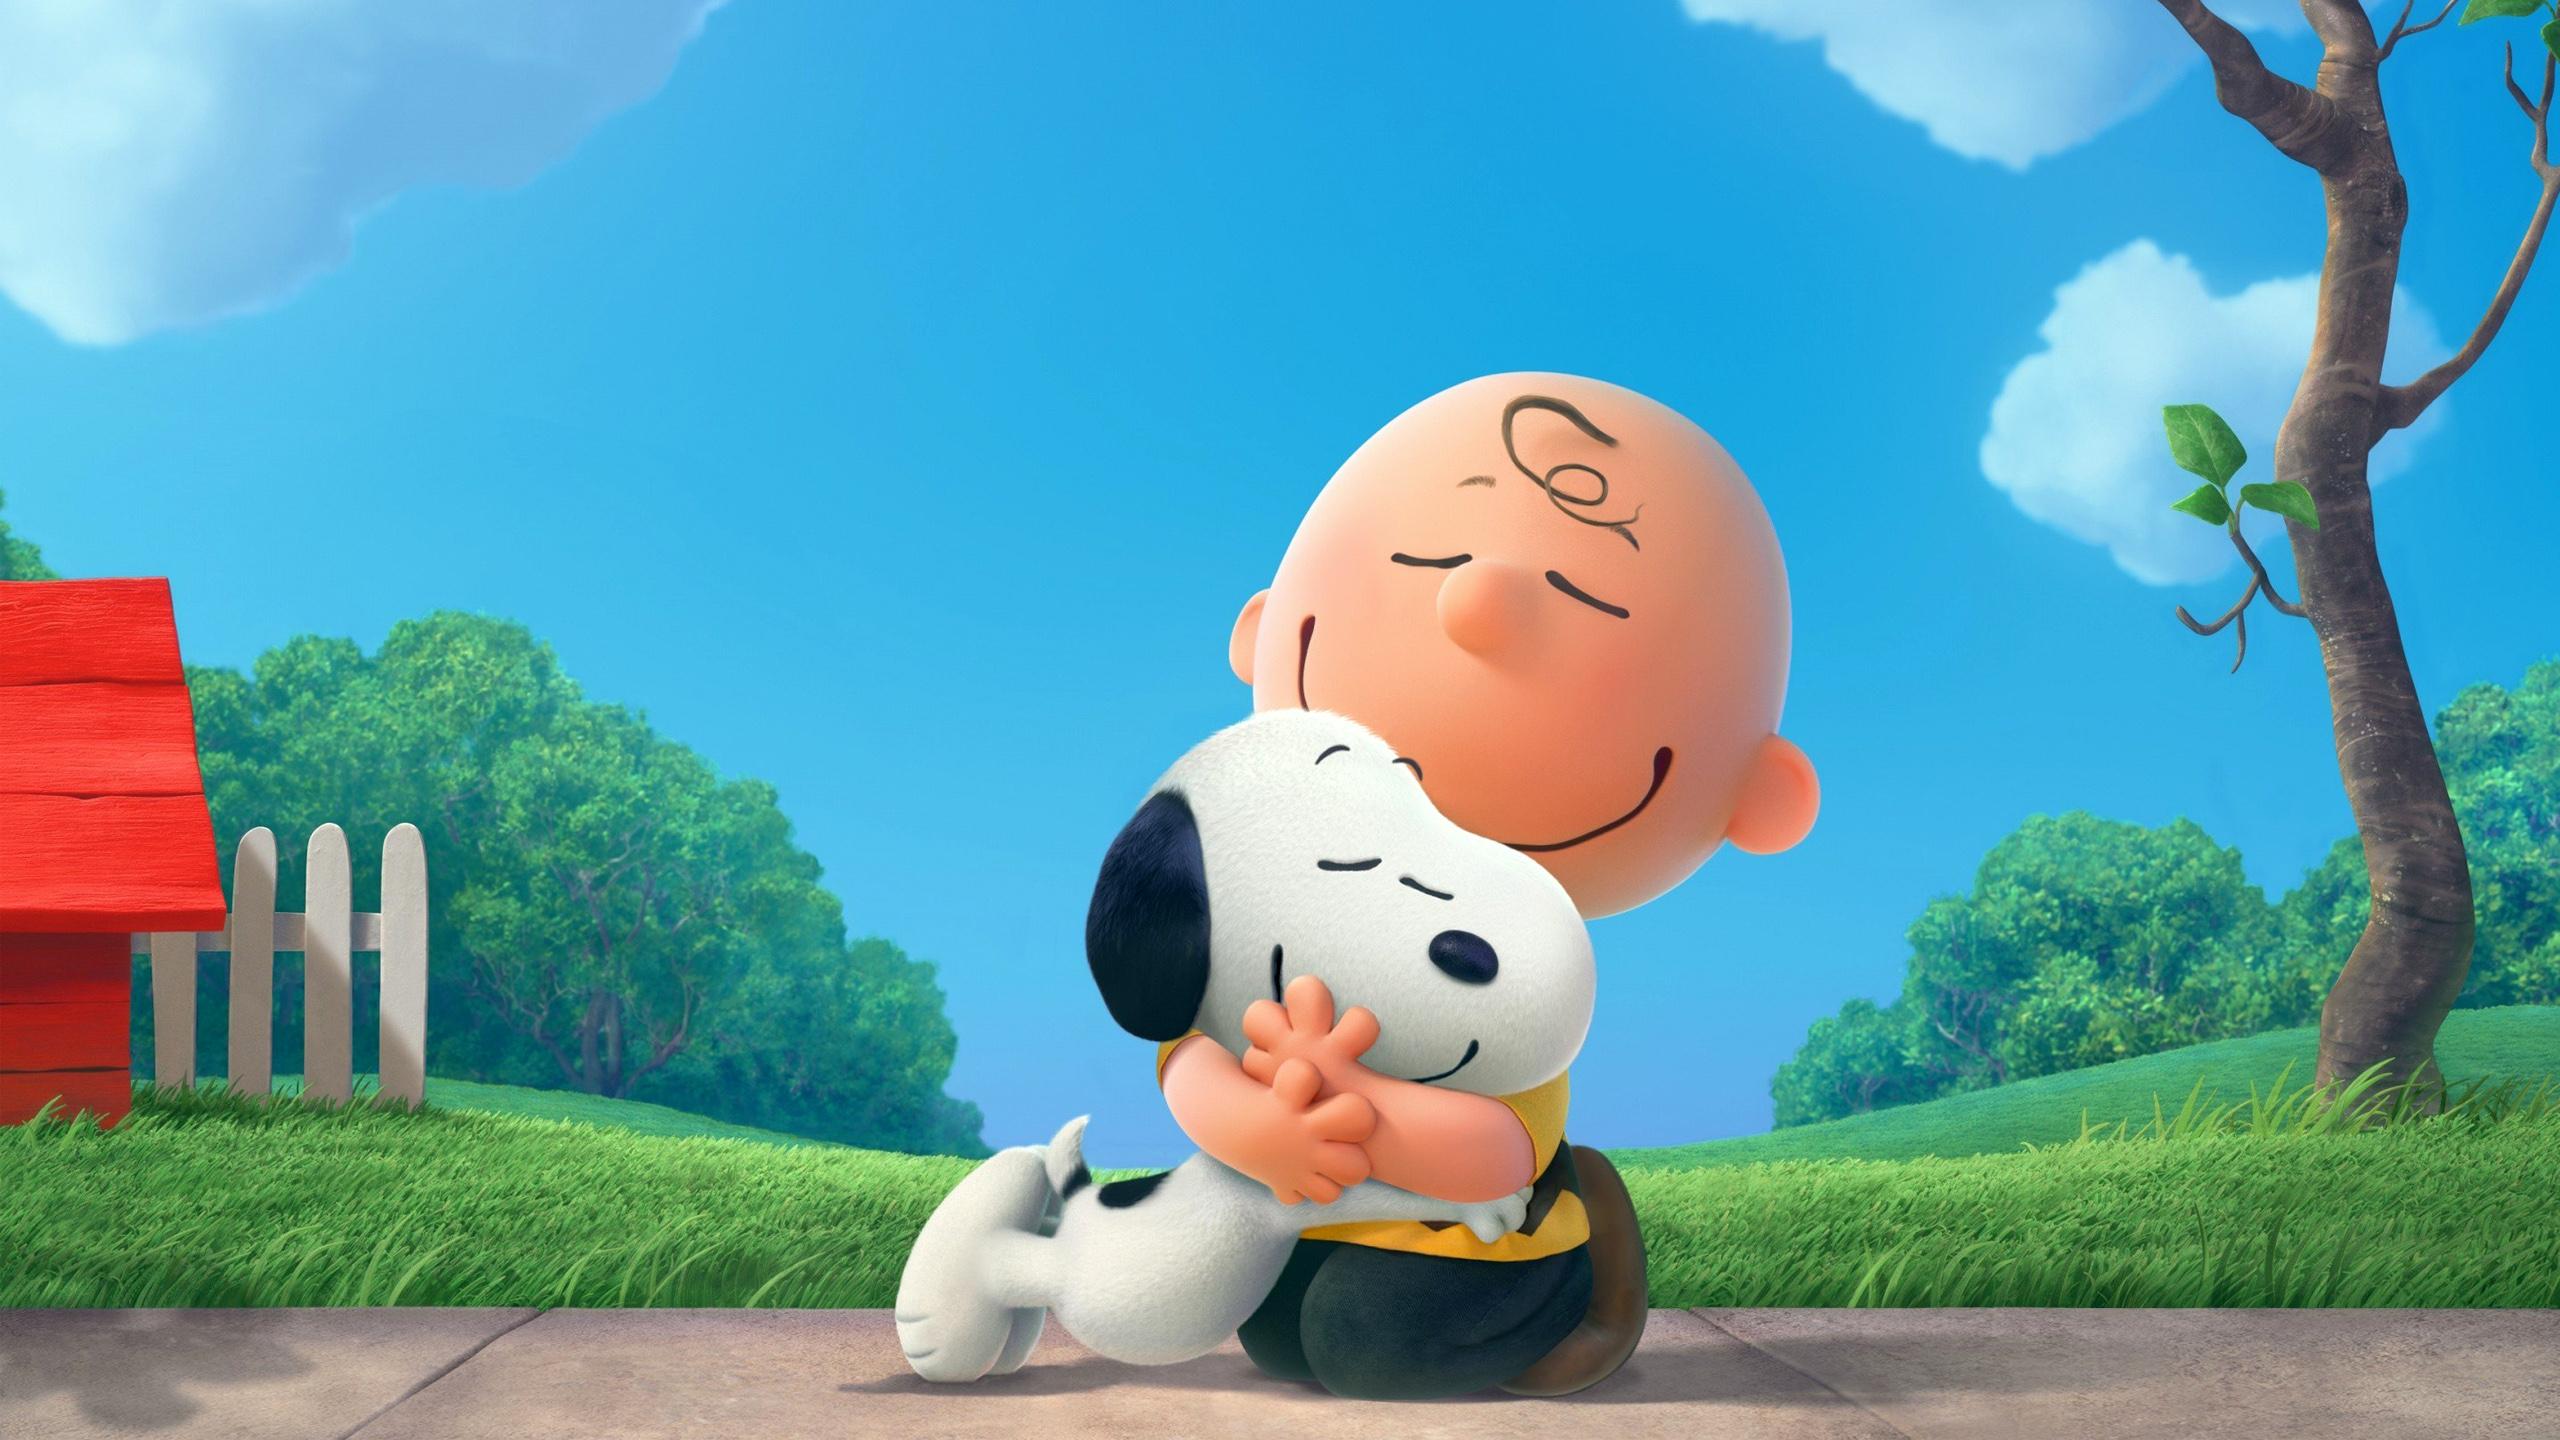 28+ Best Snoopy wallpapers for Desktop : Design Trends - Premium PSD, Vector Downloads